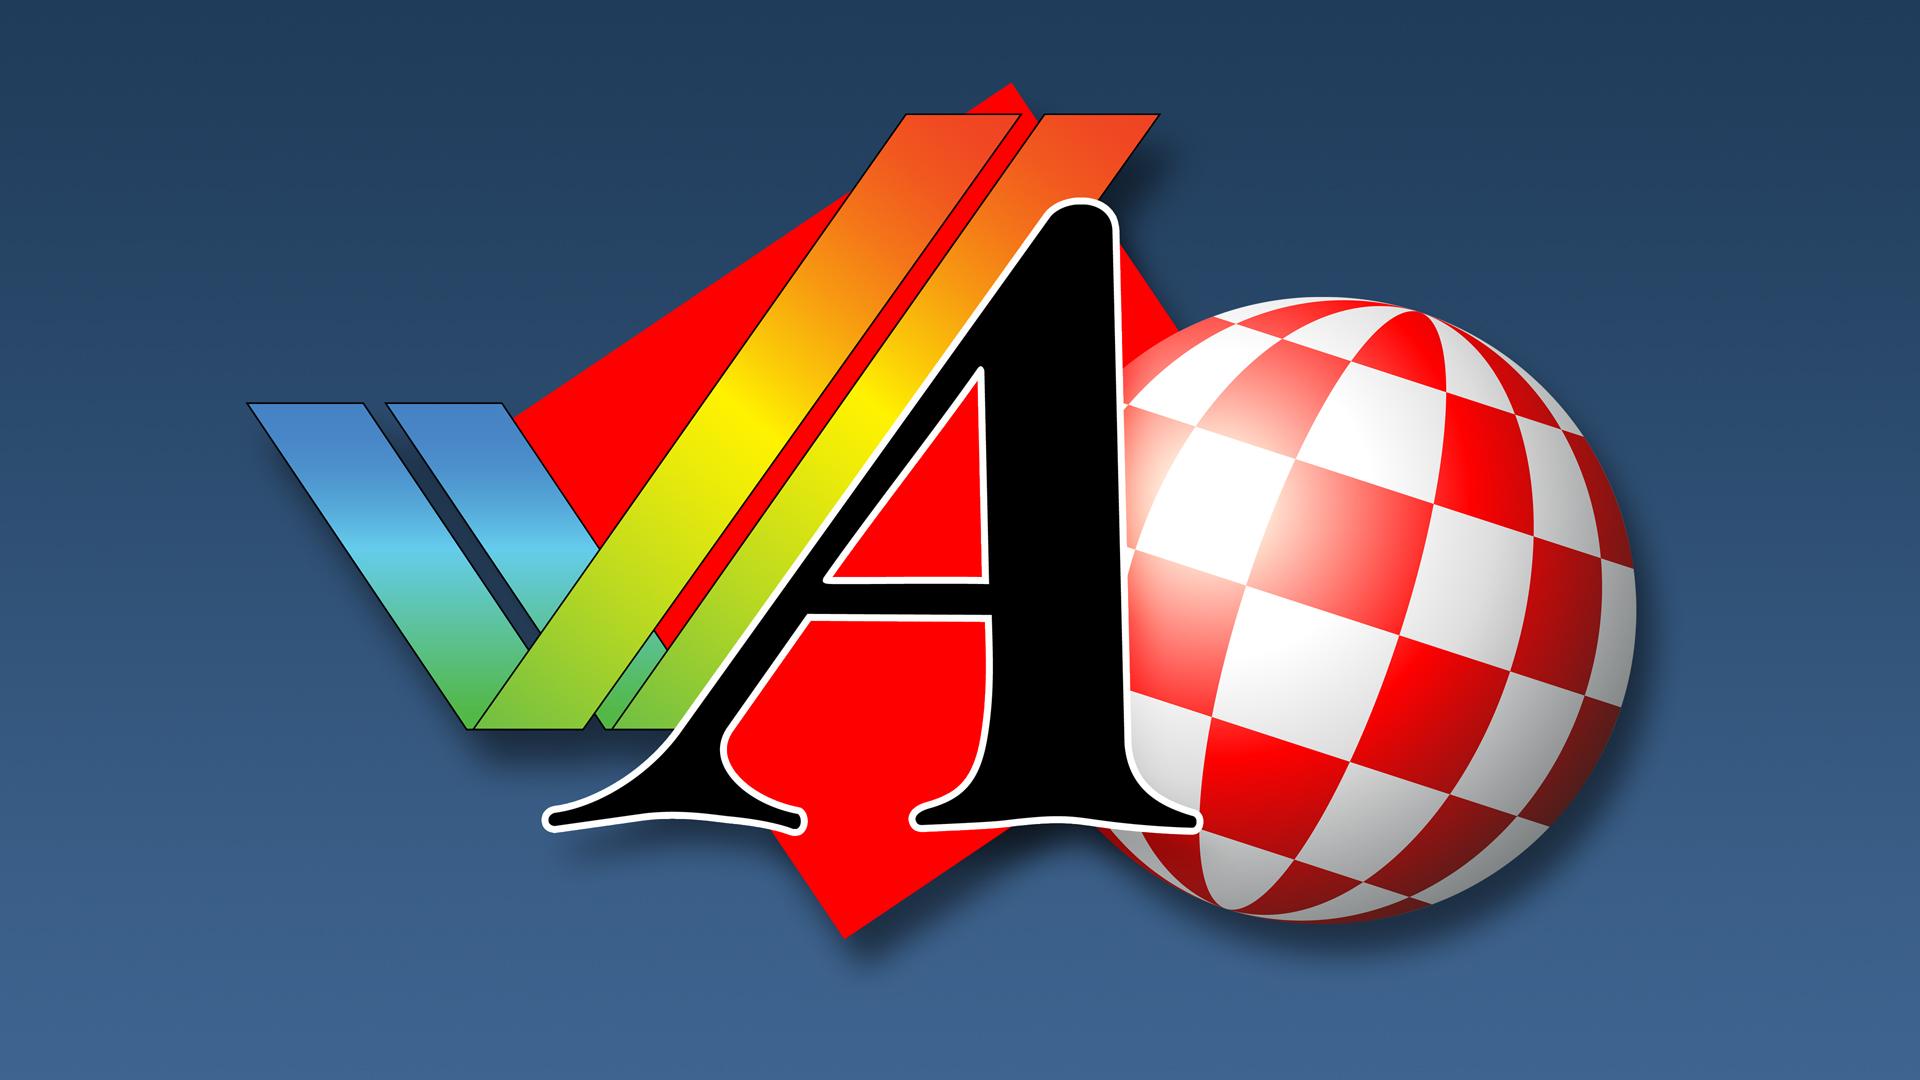 AO Logo Reimagined